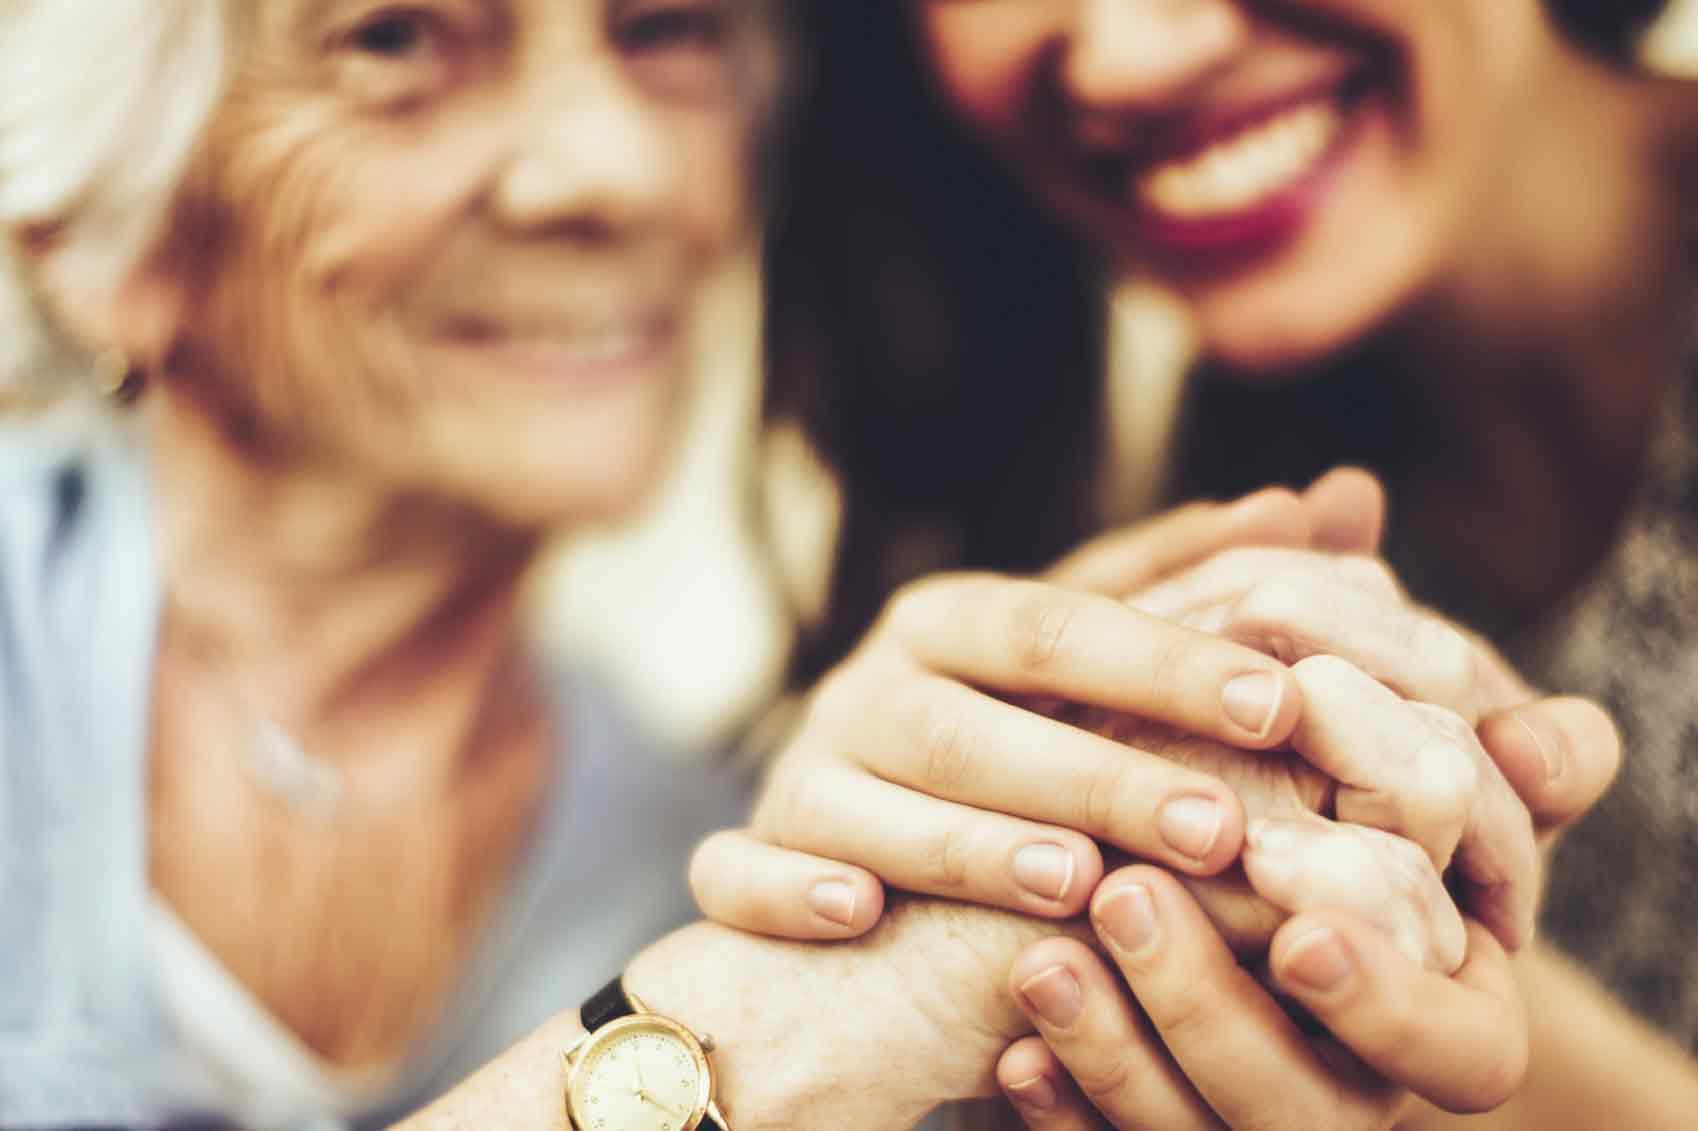 cuidados a personas mayores por parte de sus familiares.